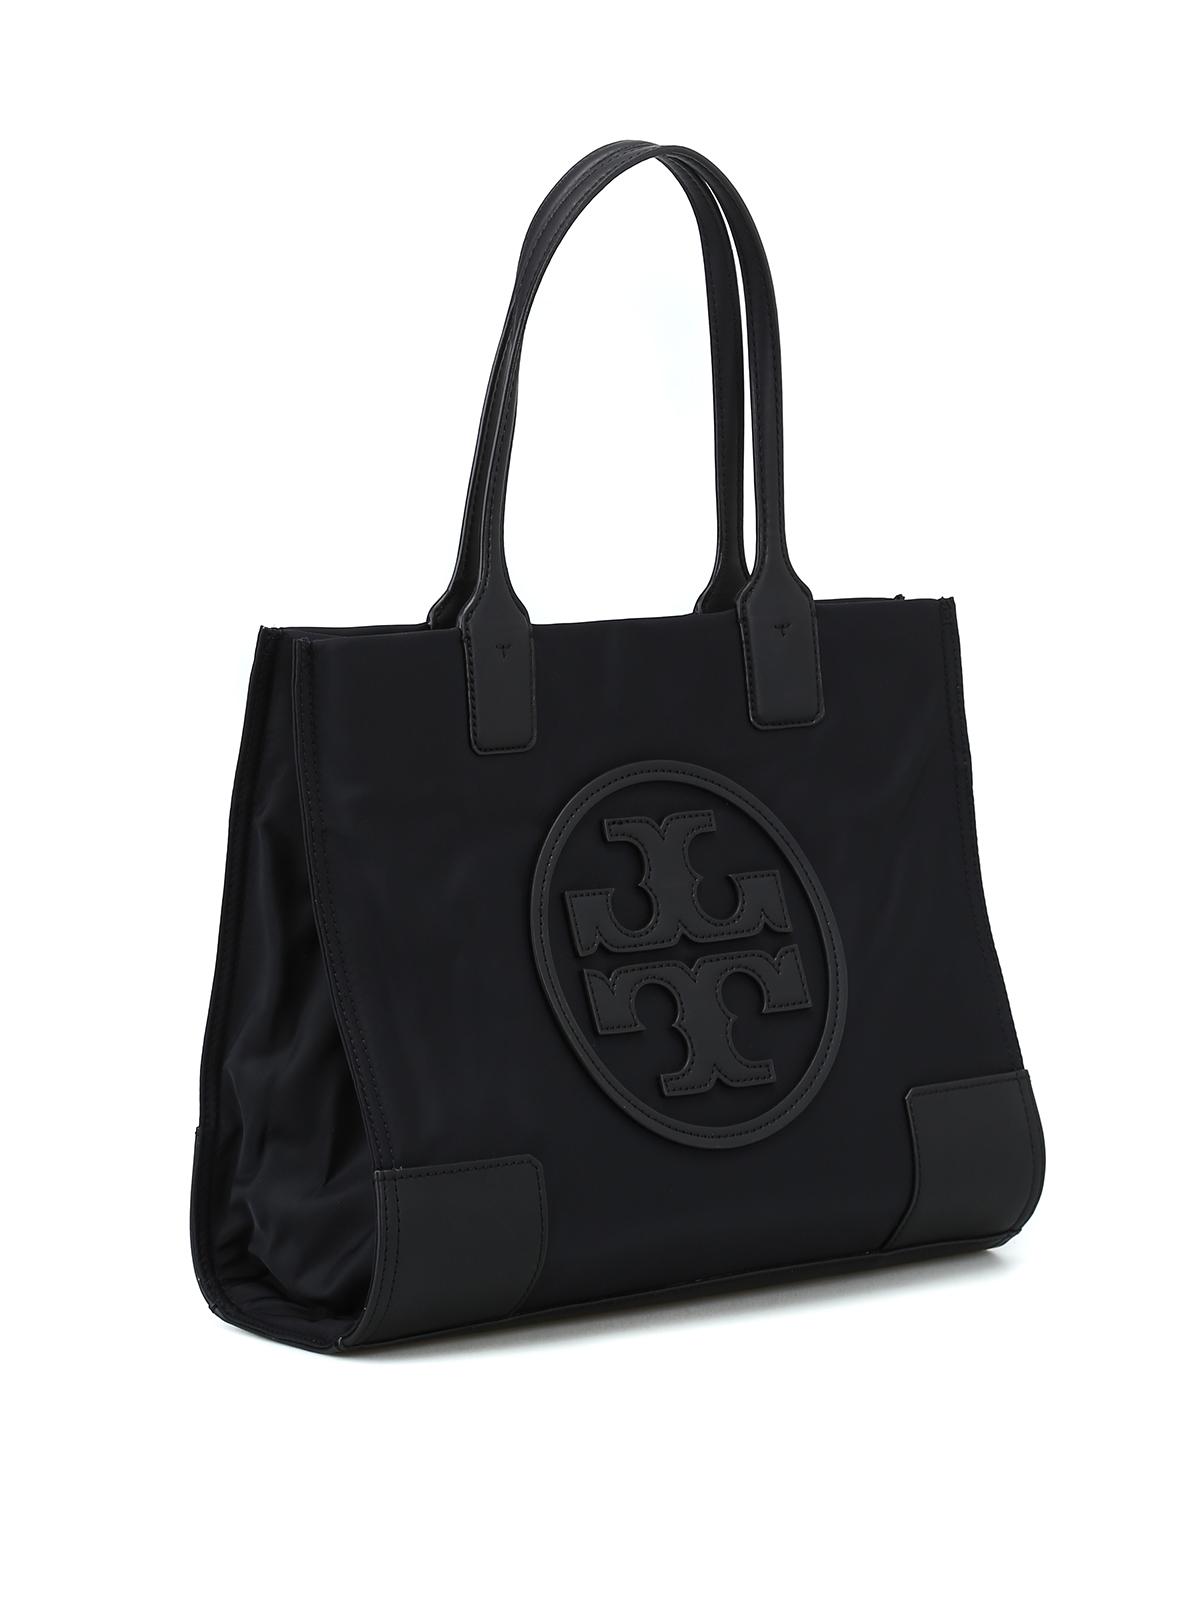 93be422160d Tory Burch - Ella Mini black nylon tote - totes bags - 45211 001